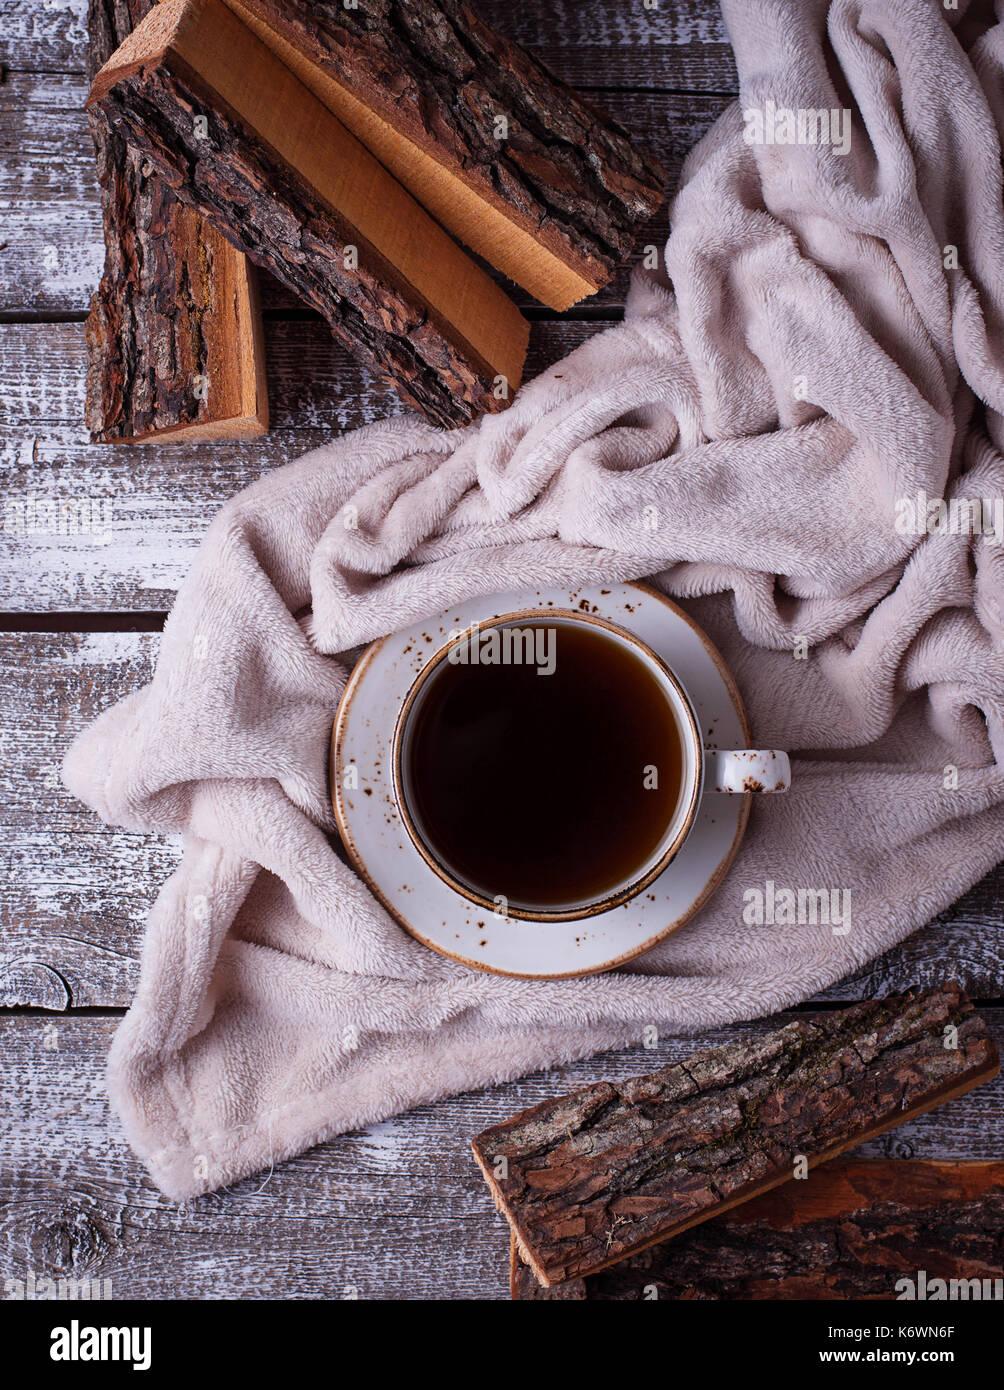 Kaffee und wickeln, gemütlichen Skandinavischen Home Interior Stockbild